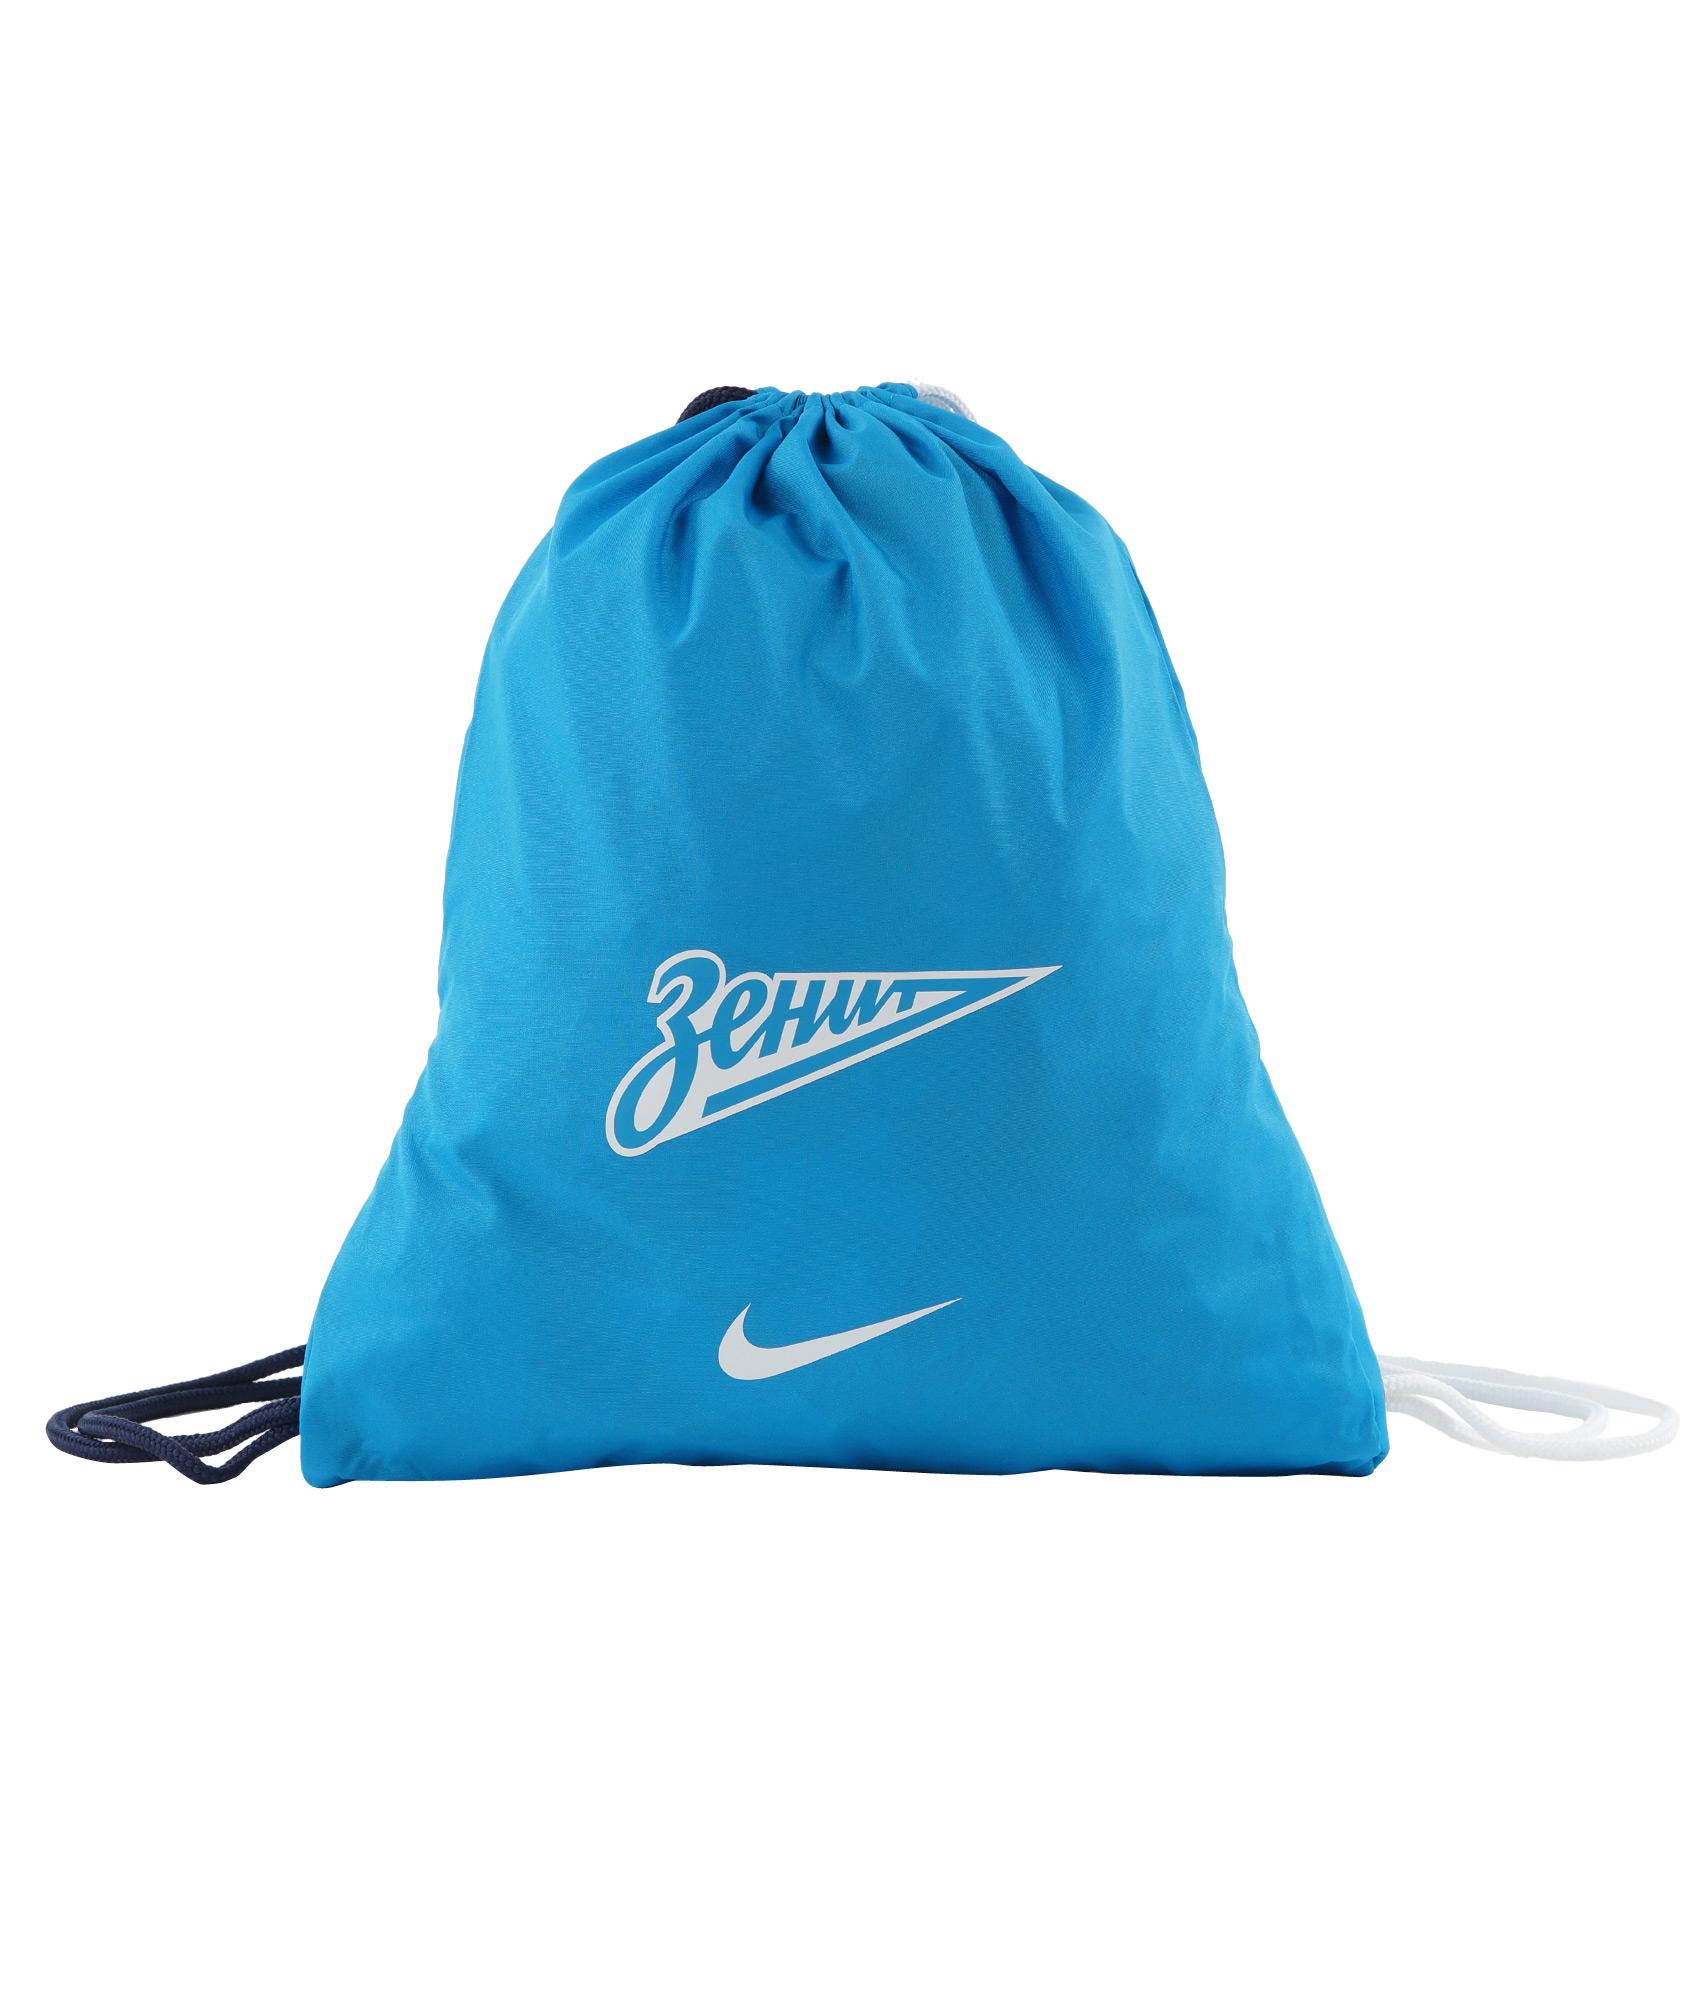 купить Сумка - торба Nike, Цвет-Лазурный дешево